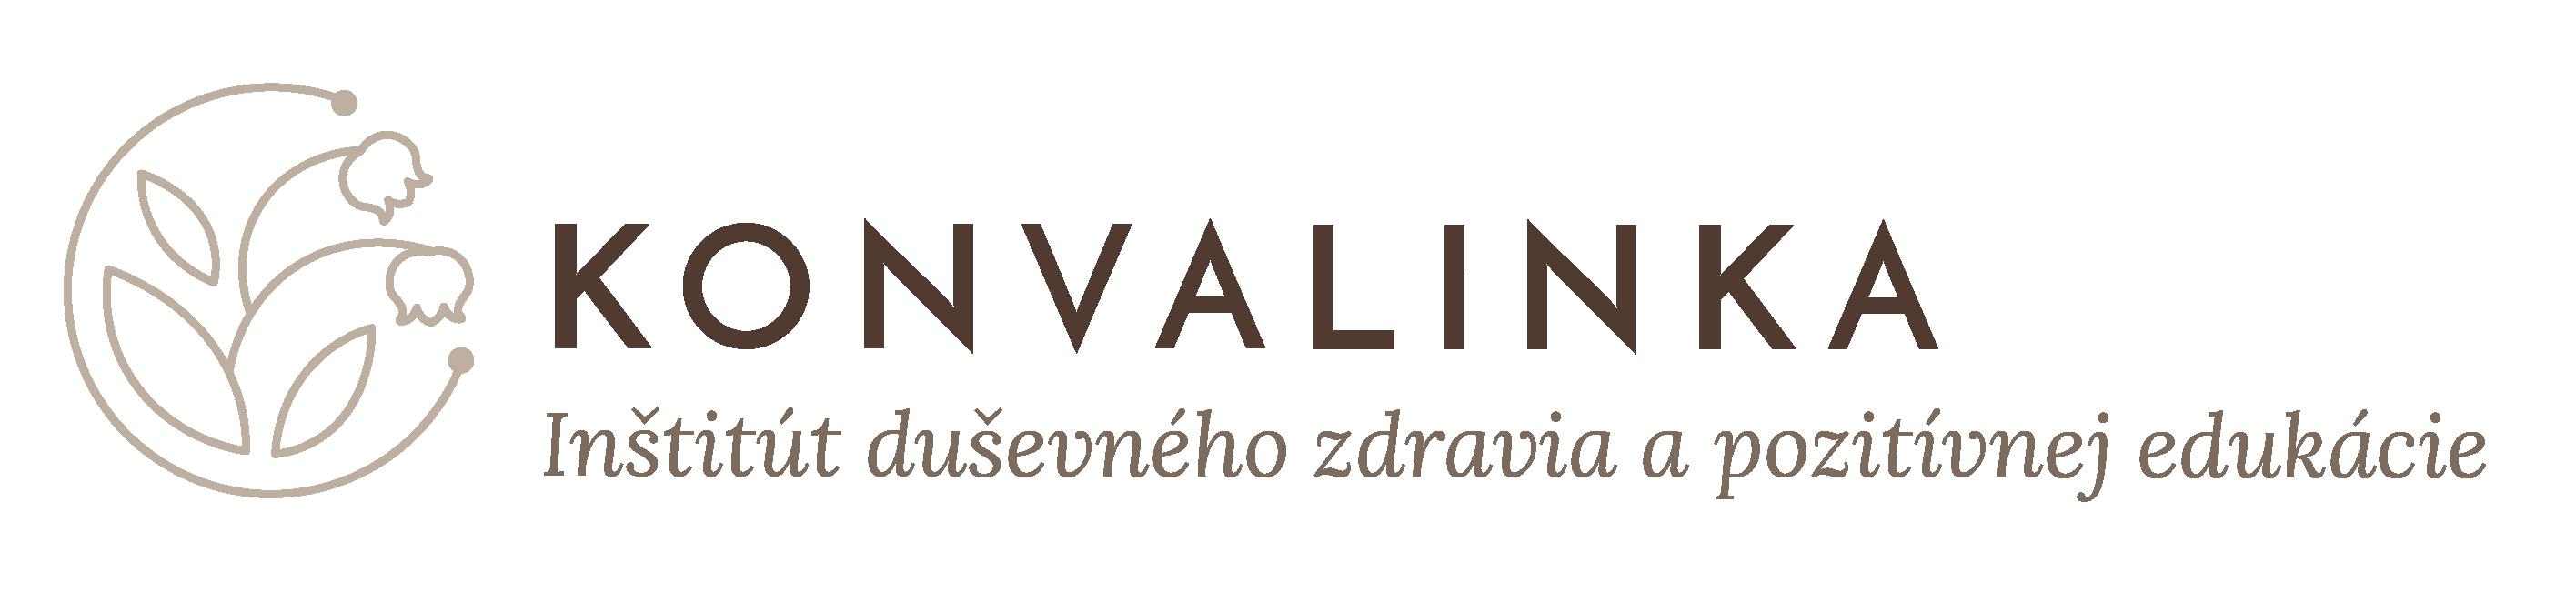 KONVALINKA – Inštitút duševného zdravia a pozitívnej edukácie